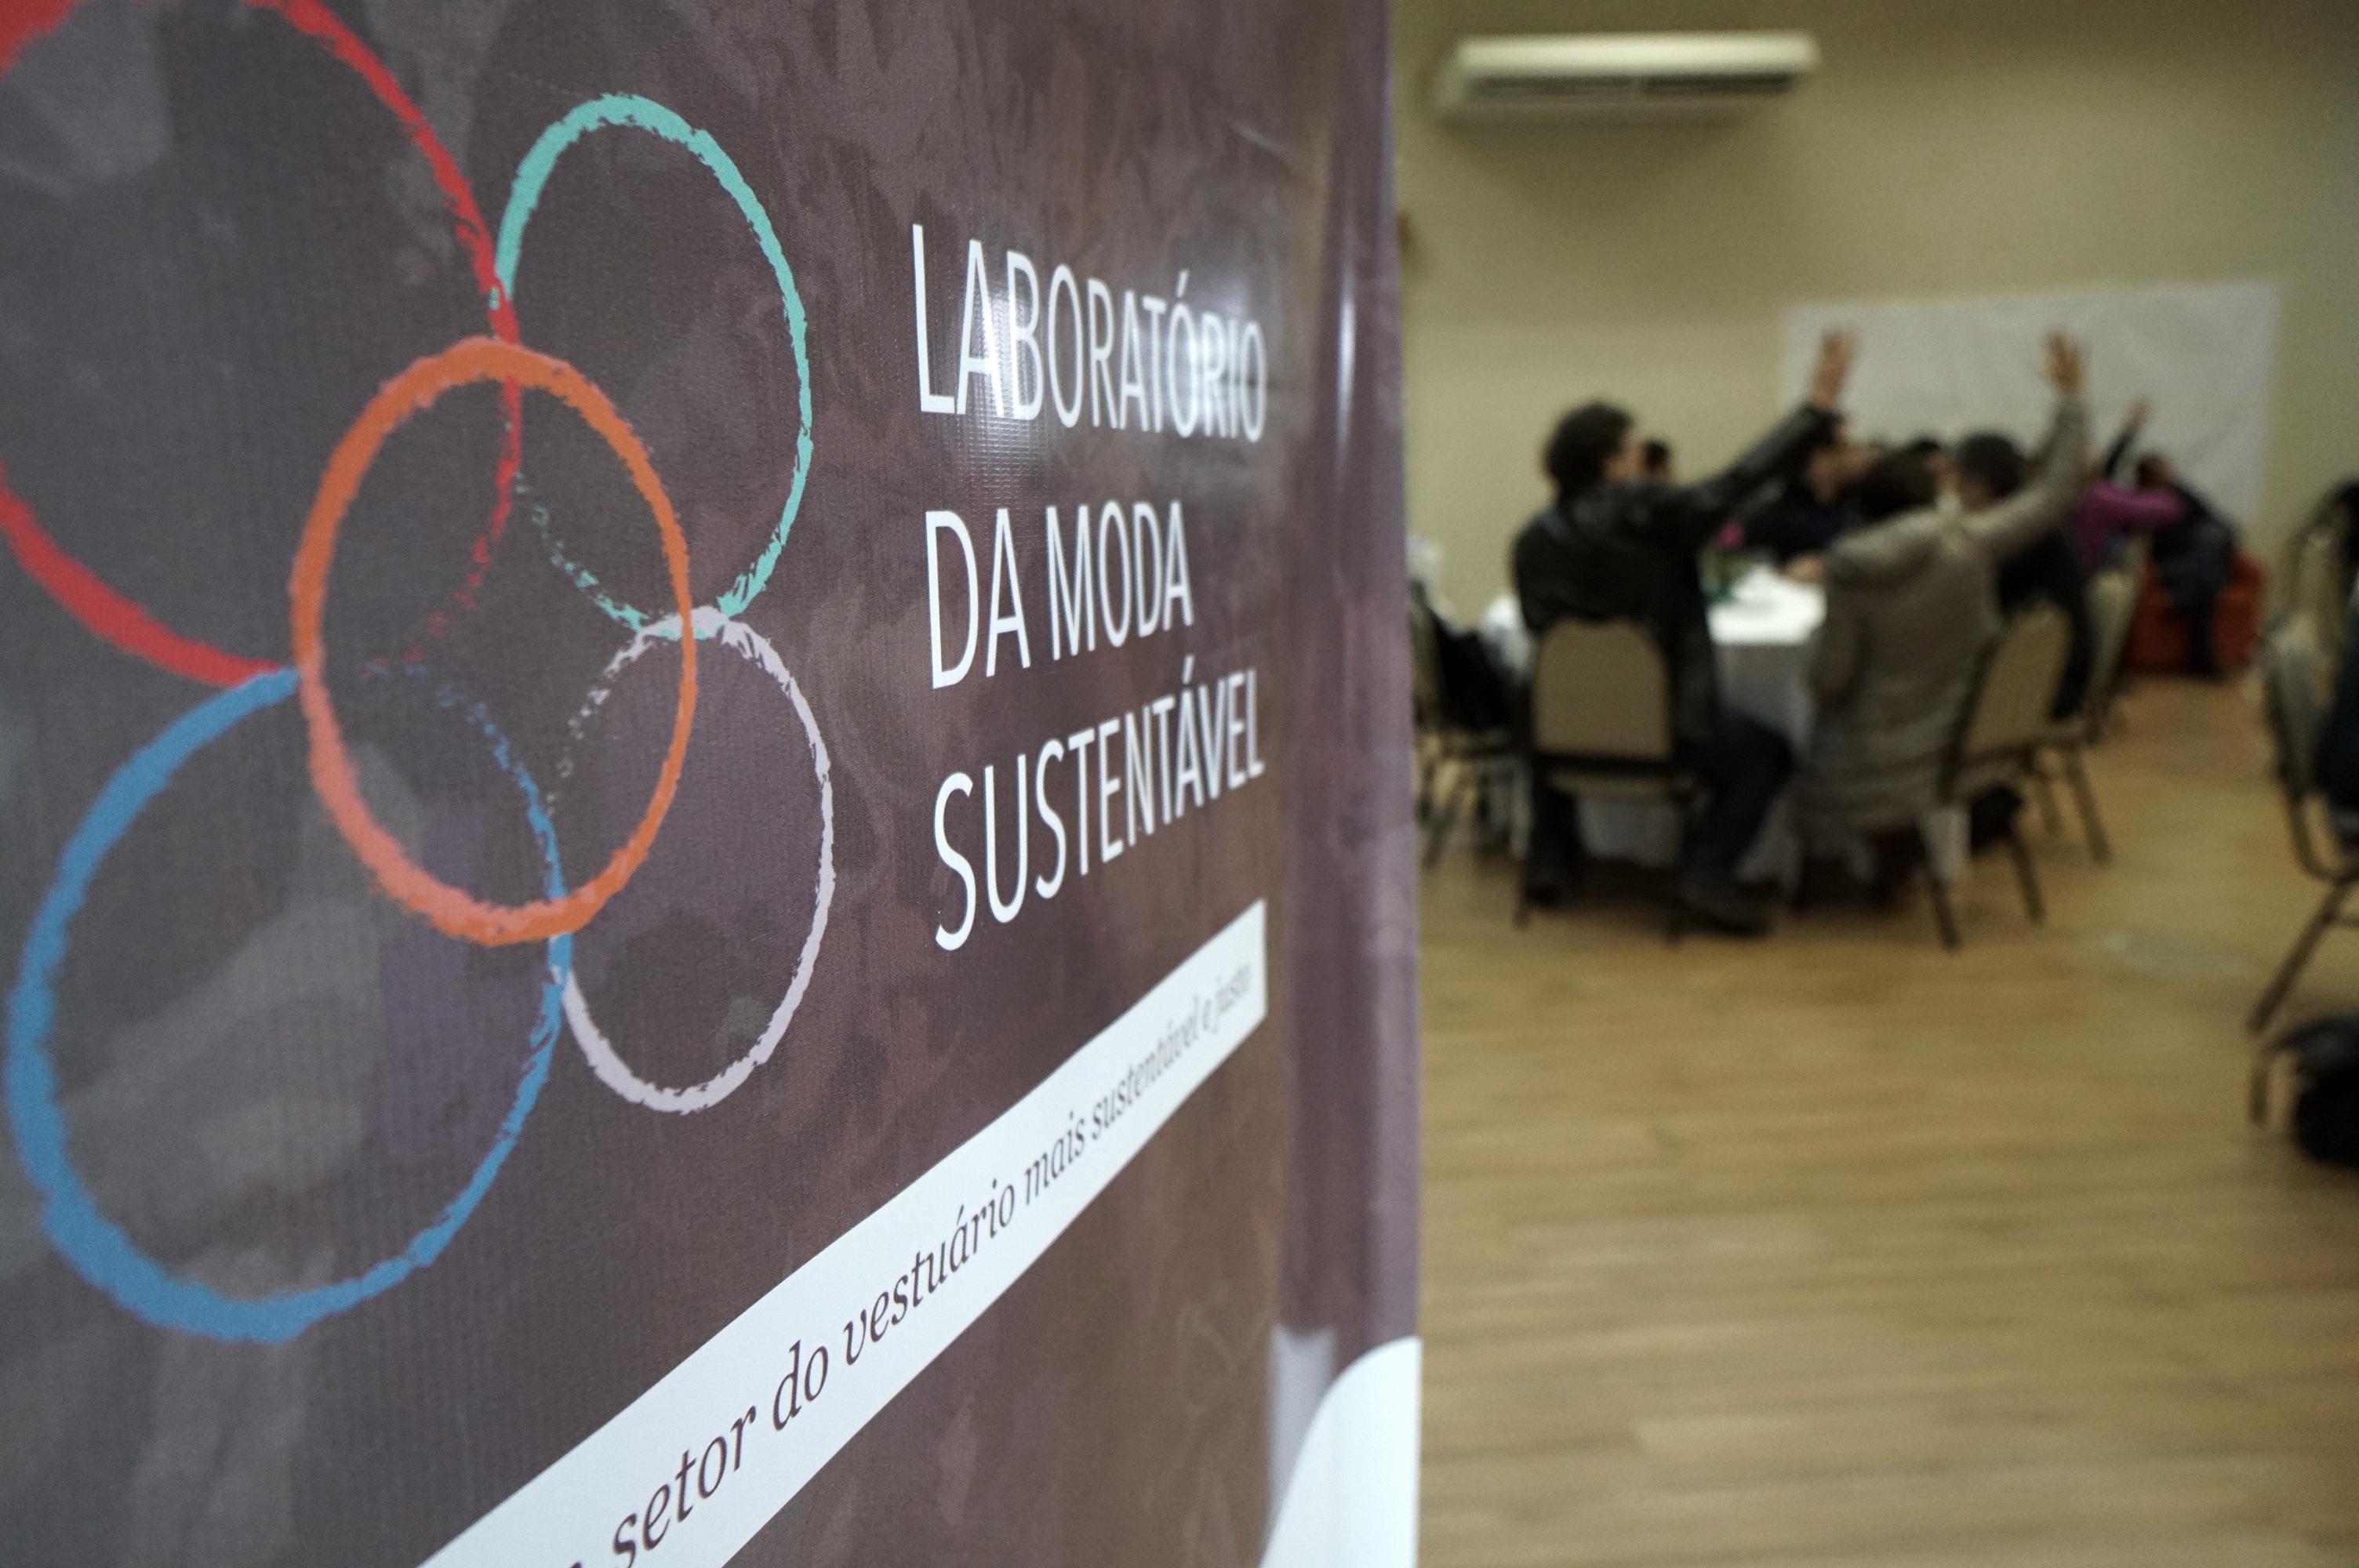 setor-textil-brasileiro-agora-conta-com-laboratorio-da-moda-sustentavel